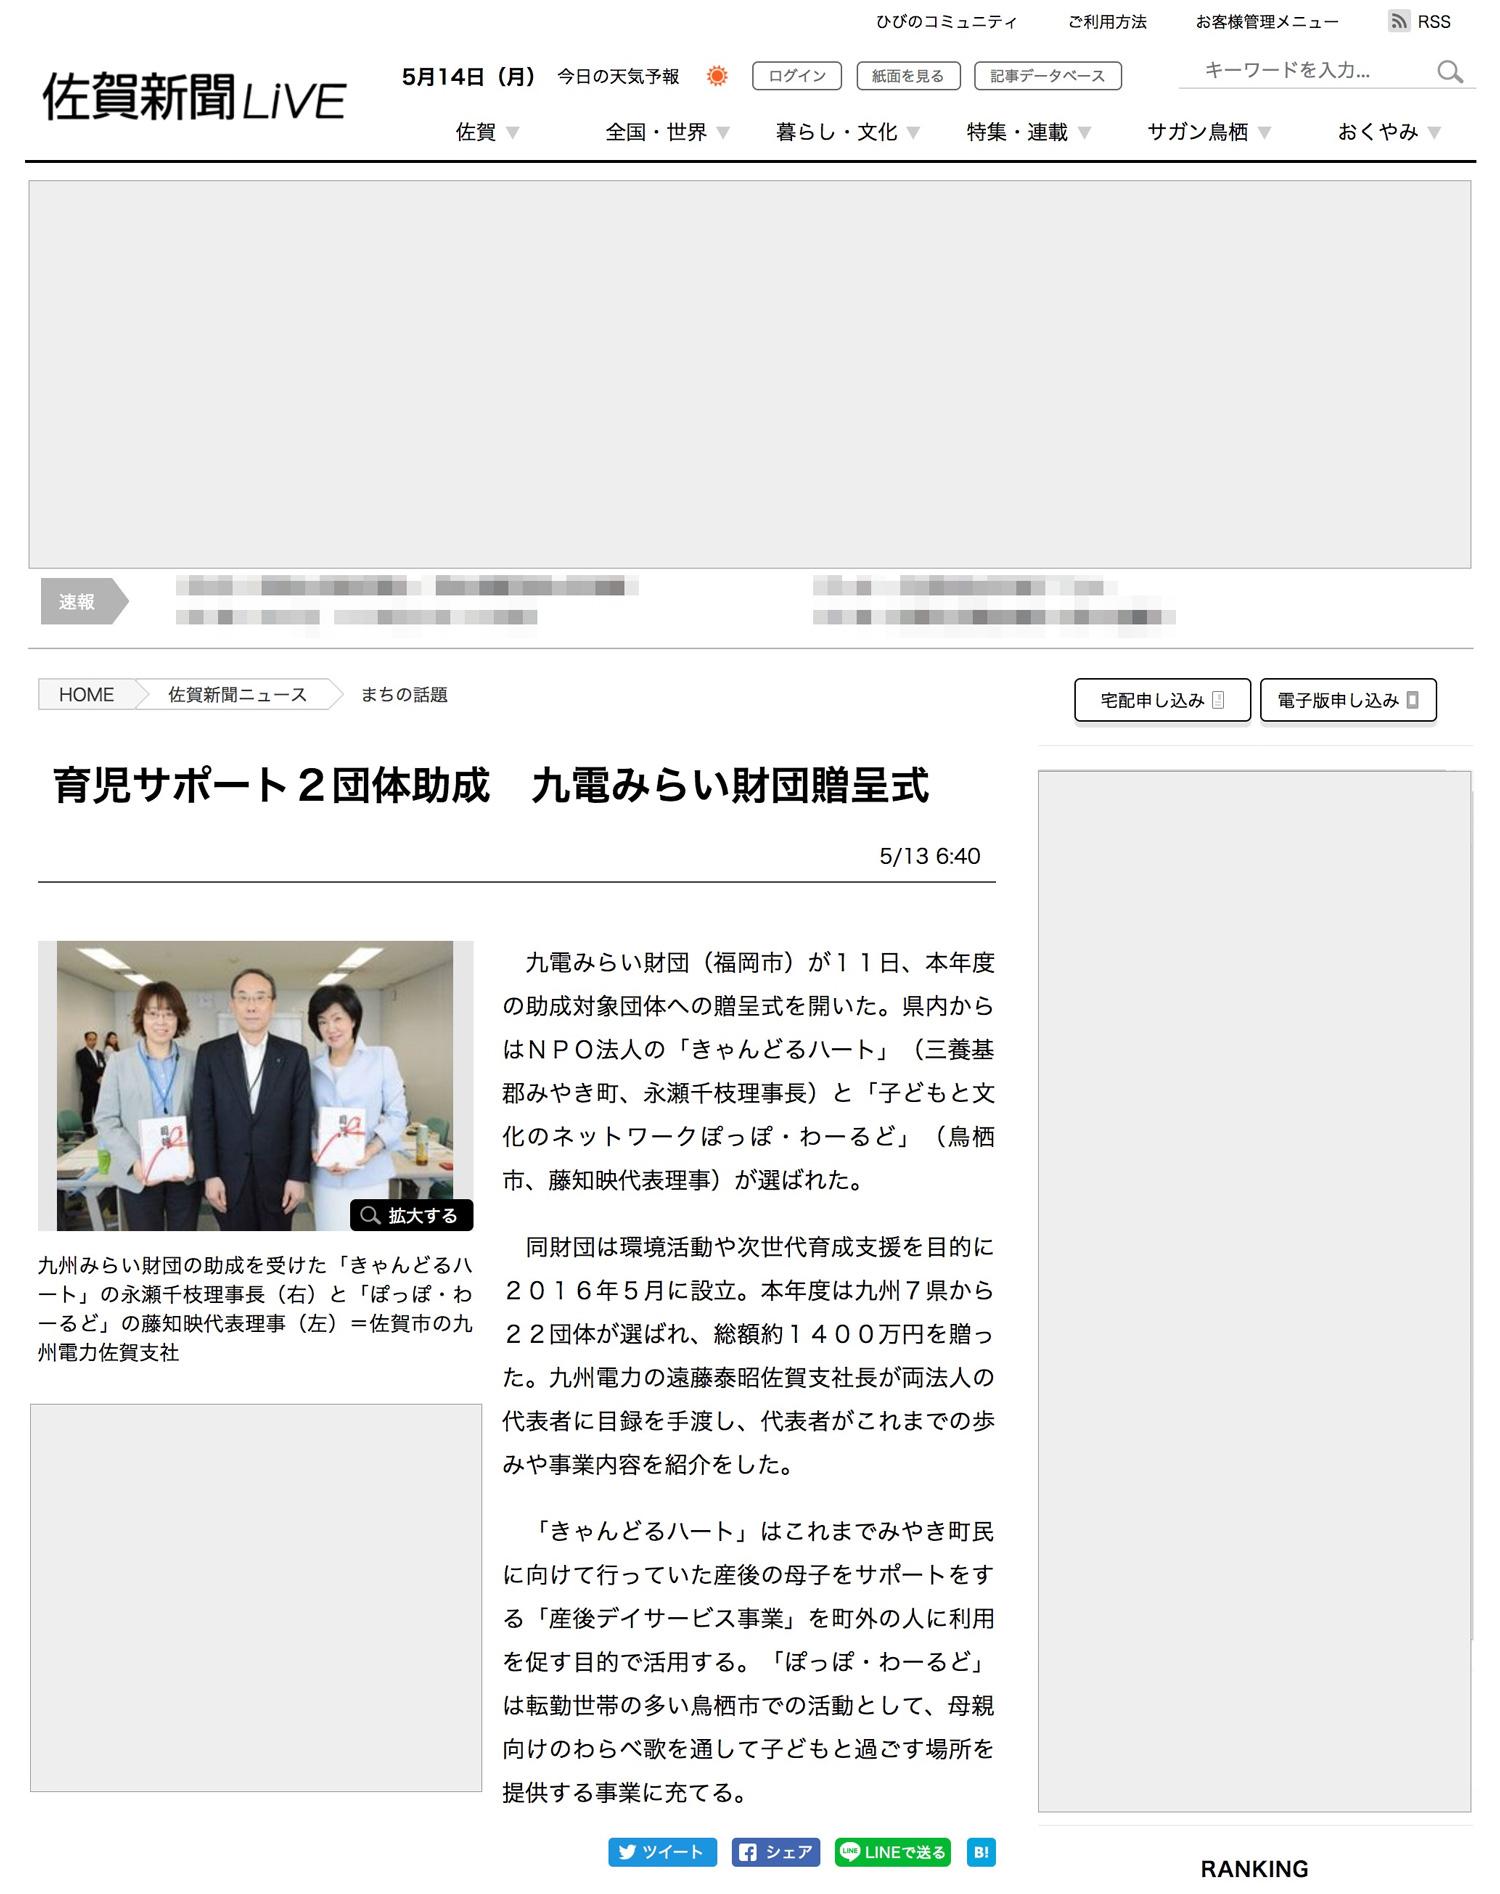 育児サポート2団体助成 九電みらい財団贈呈式(佐賀新聞 2018年5月13日)